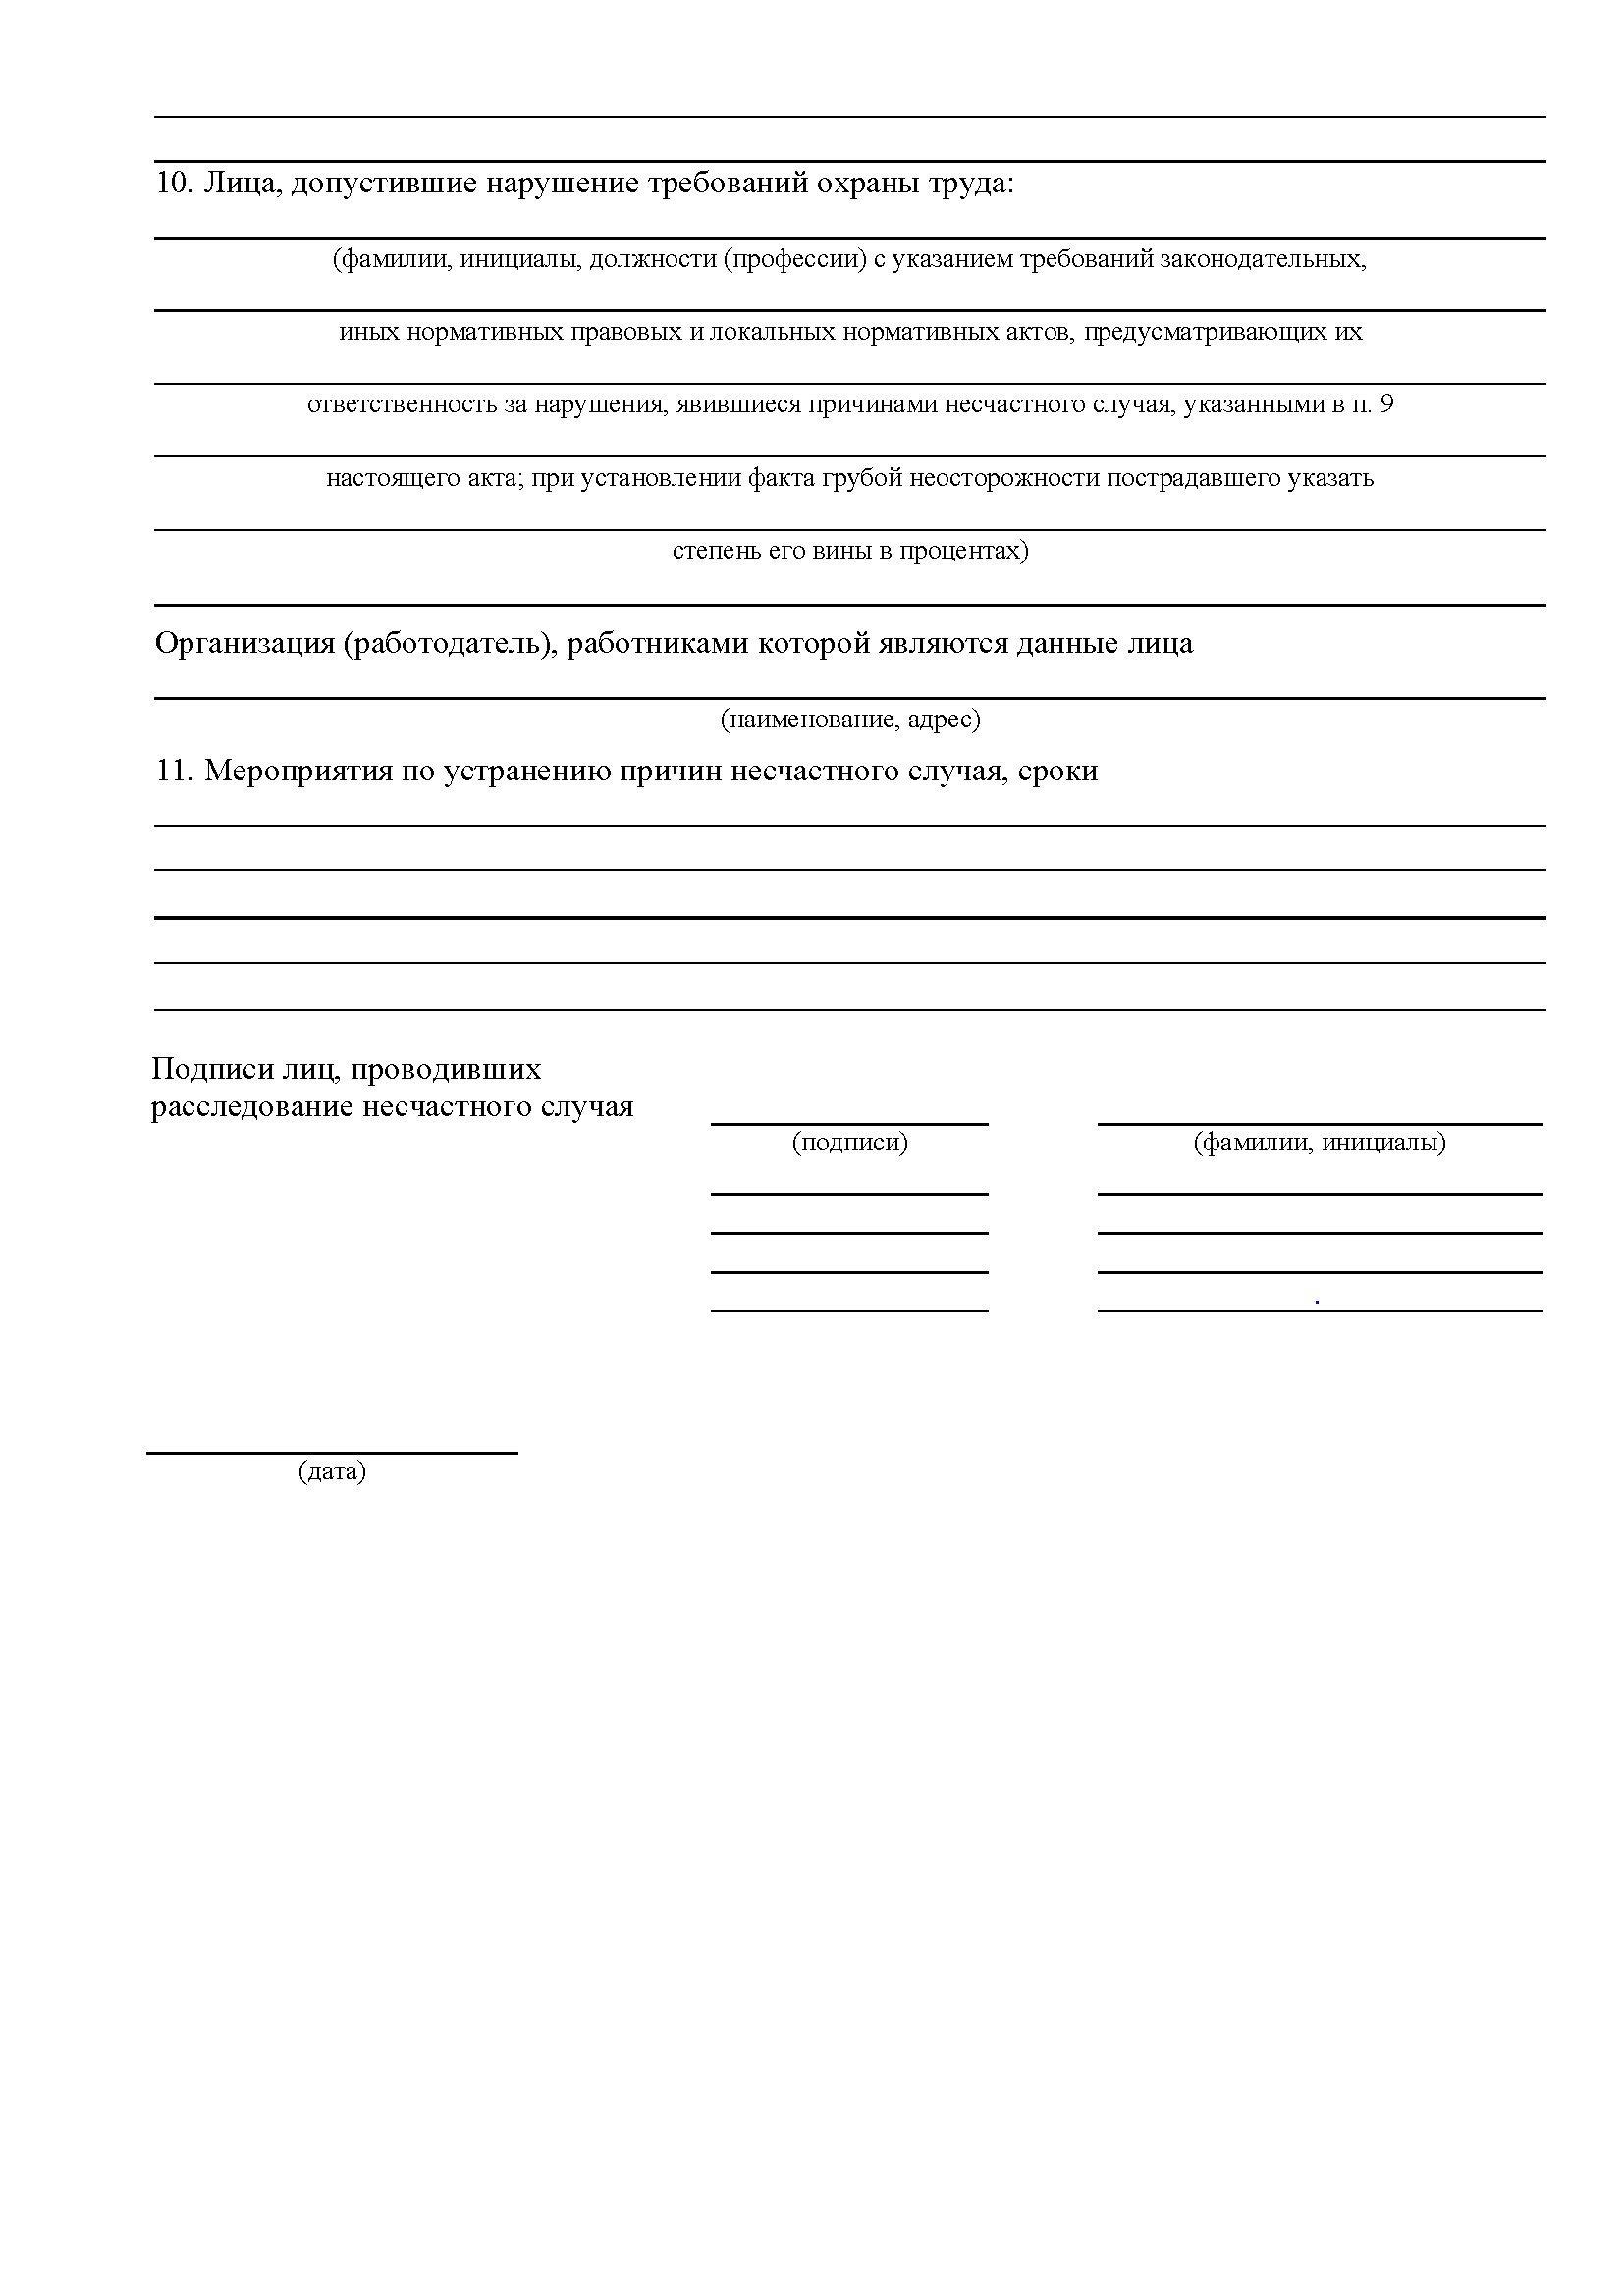 Акт о несчастном случае на производстве